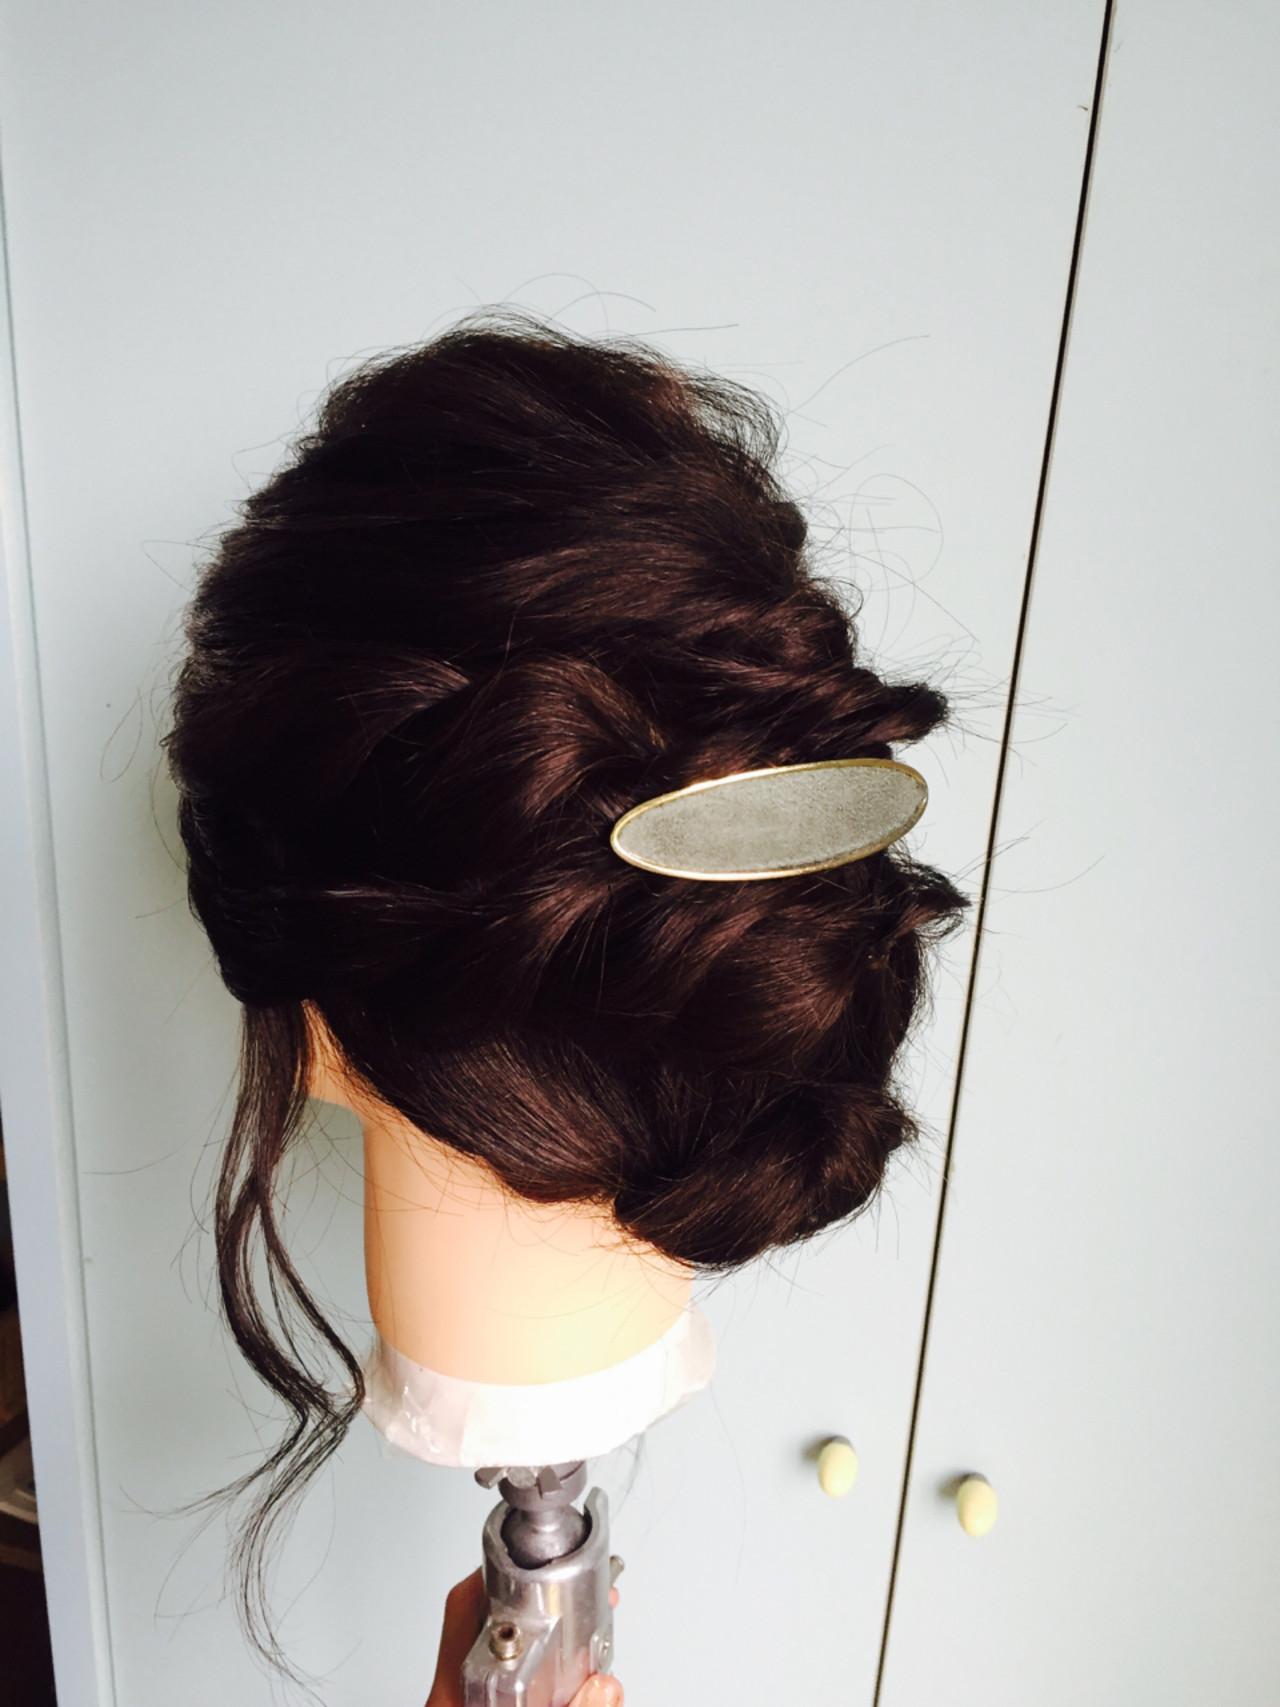 パーティ フェミニン ヘアアレンジ 結婚式 ヘアスタイルや髪型の写真・画像